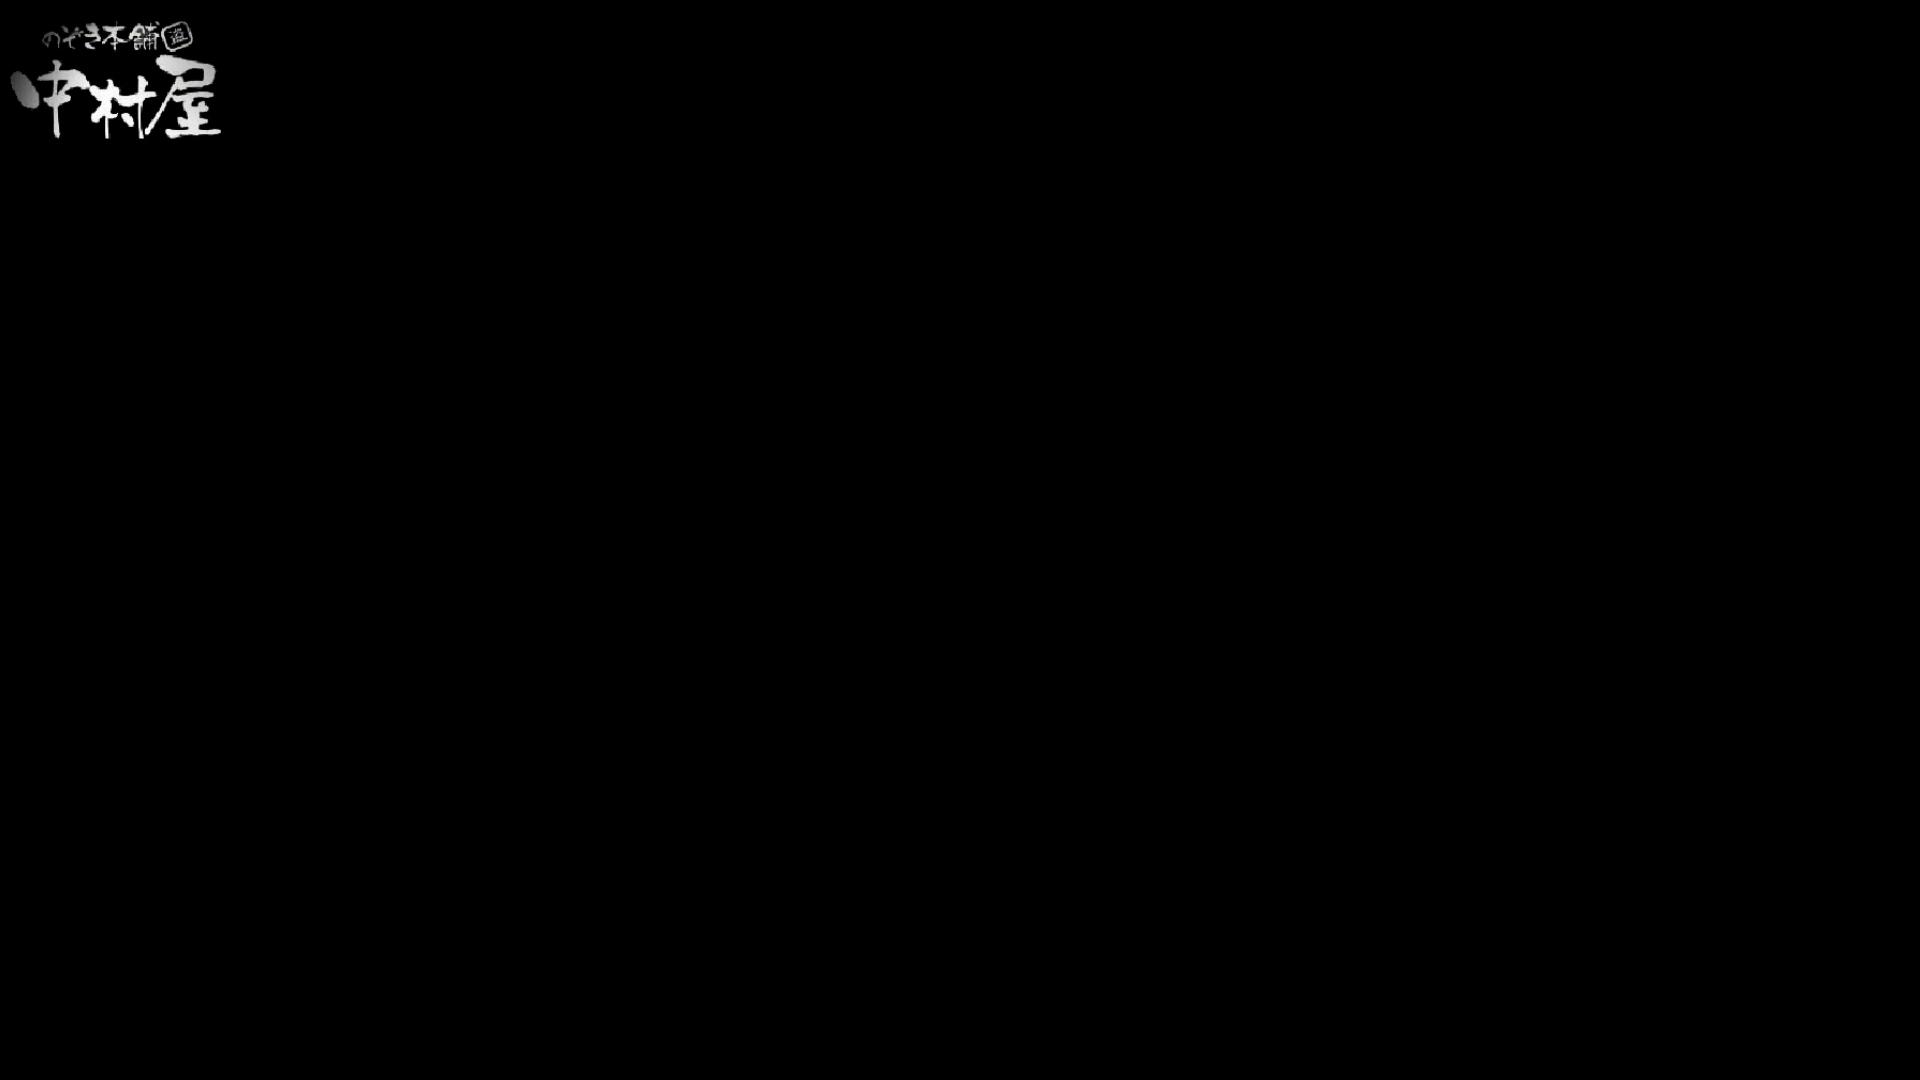 雅さんが厳選新年特別コンテンツ!激走!東京マラソン選手専用女子トイレvol.9 排泄編 盗撮画像 105PIX 17